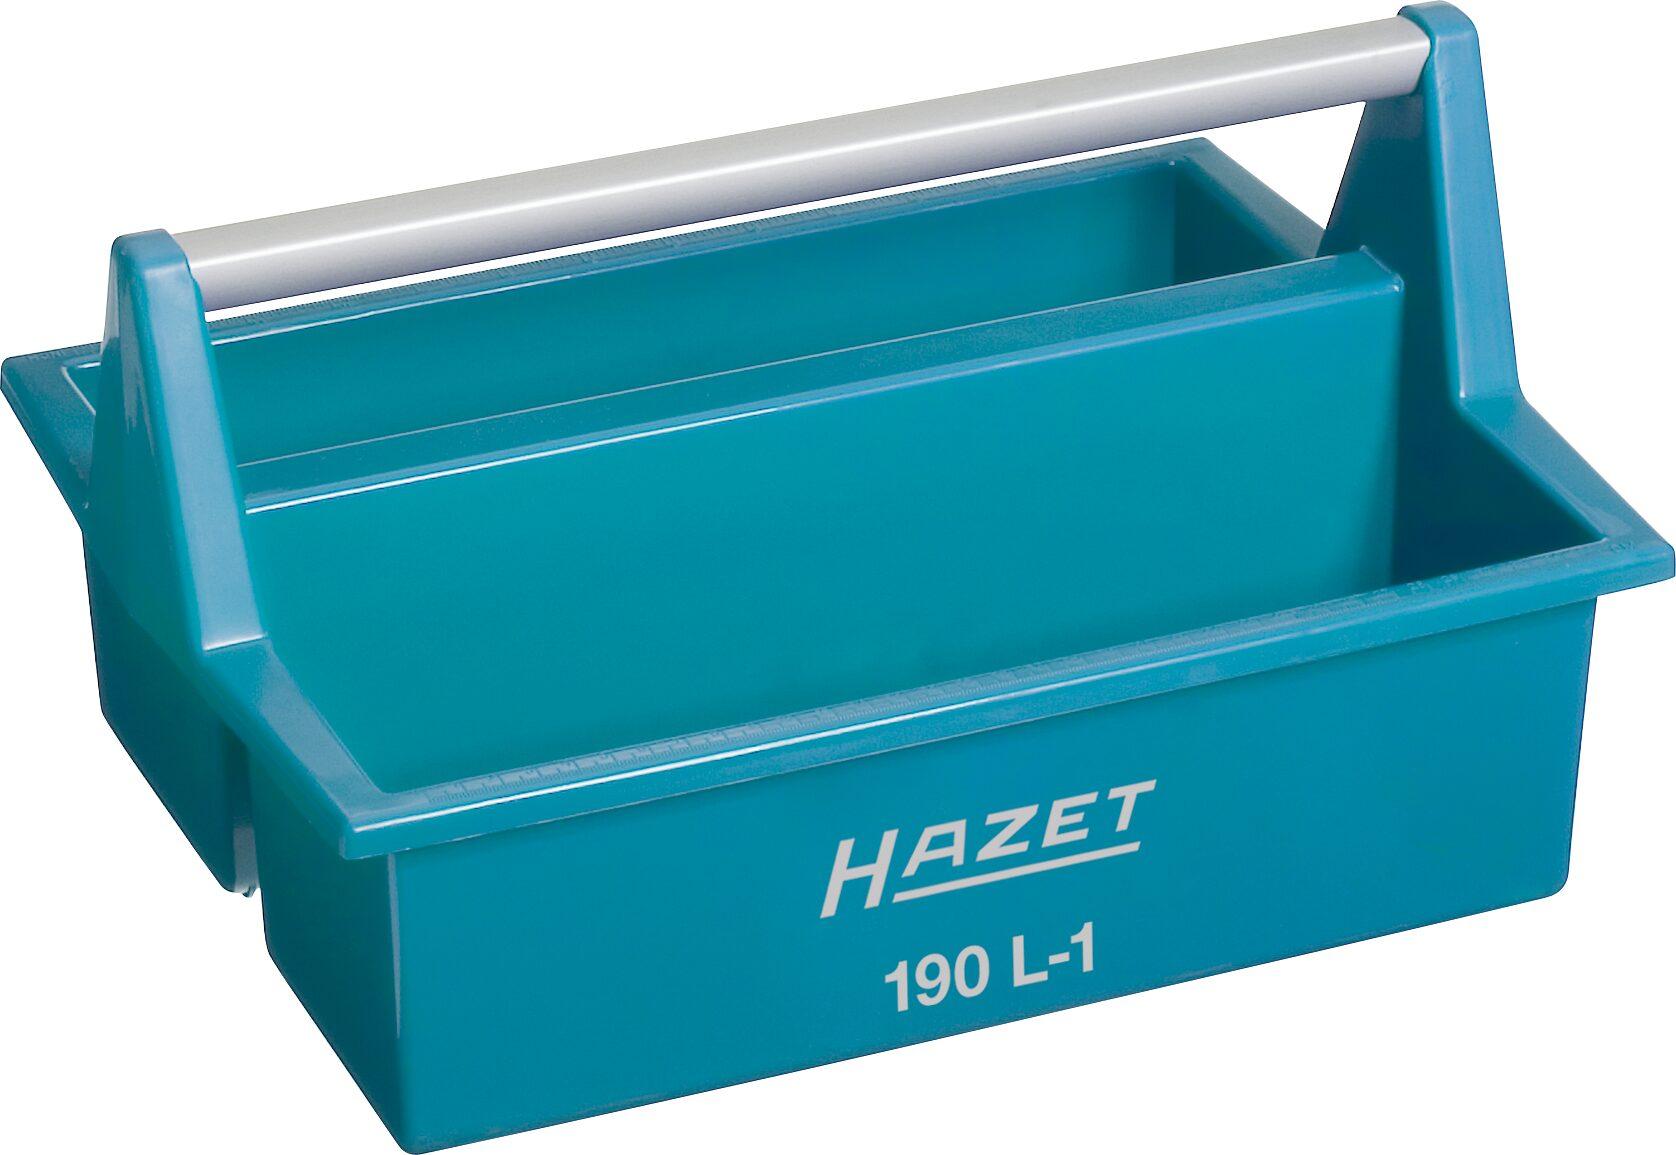 HAZET Kunststoff-Tragekasten 190L-1